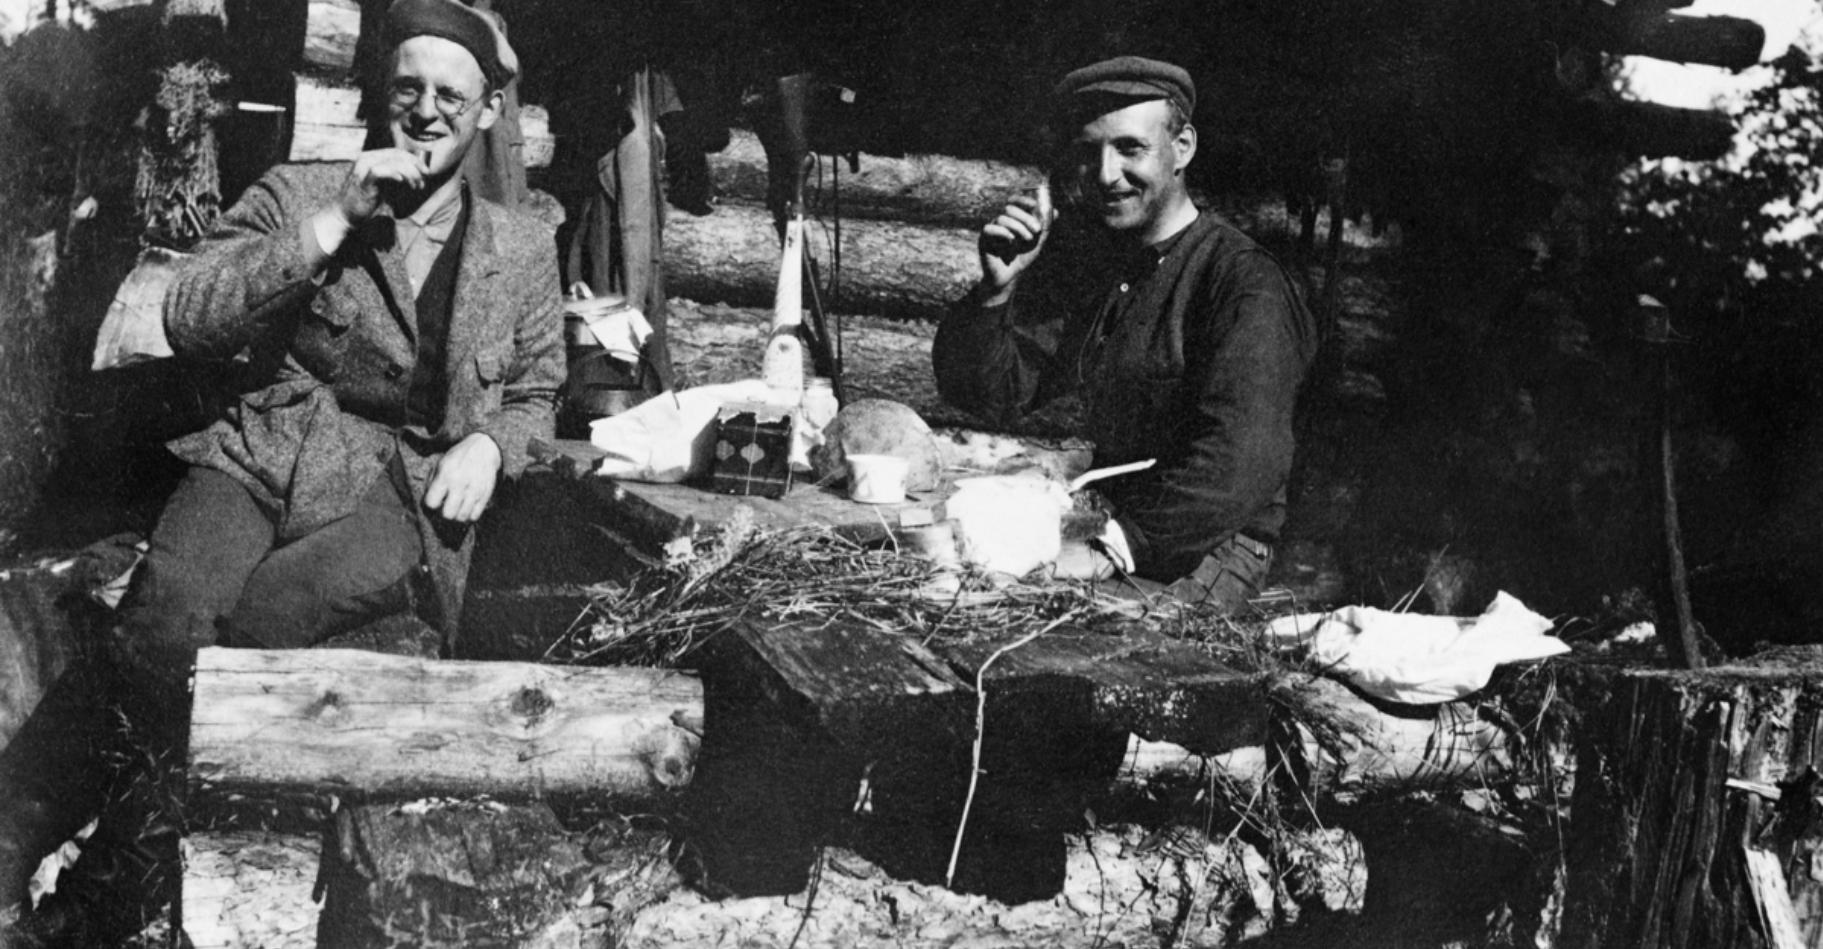 Человек слева - Кааре Нансен, а товарищ справа в настоящее время не идентифицирован. Кааре Нансен был вторым из пяти детей полярного героя Фритьофа Нансена. Кааре закончил Сельскохозяйственный университет в Акерсхусе